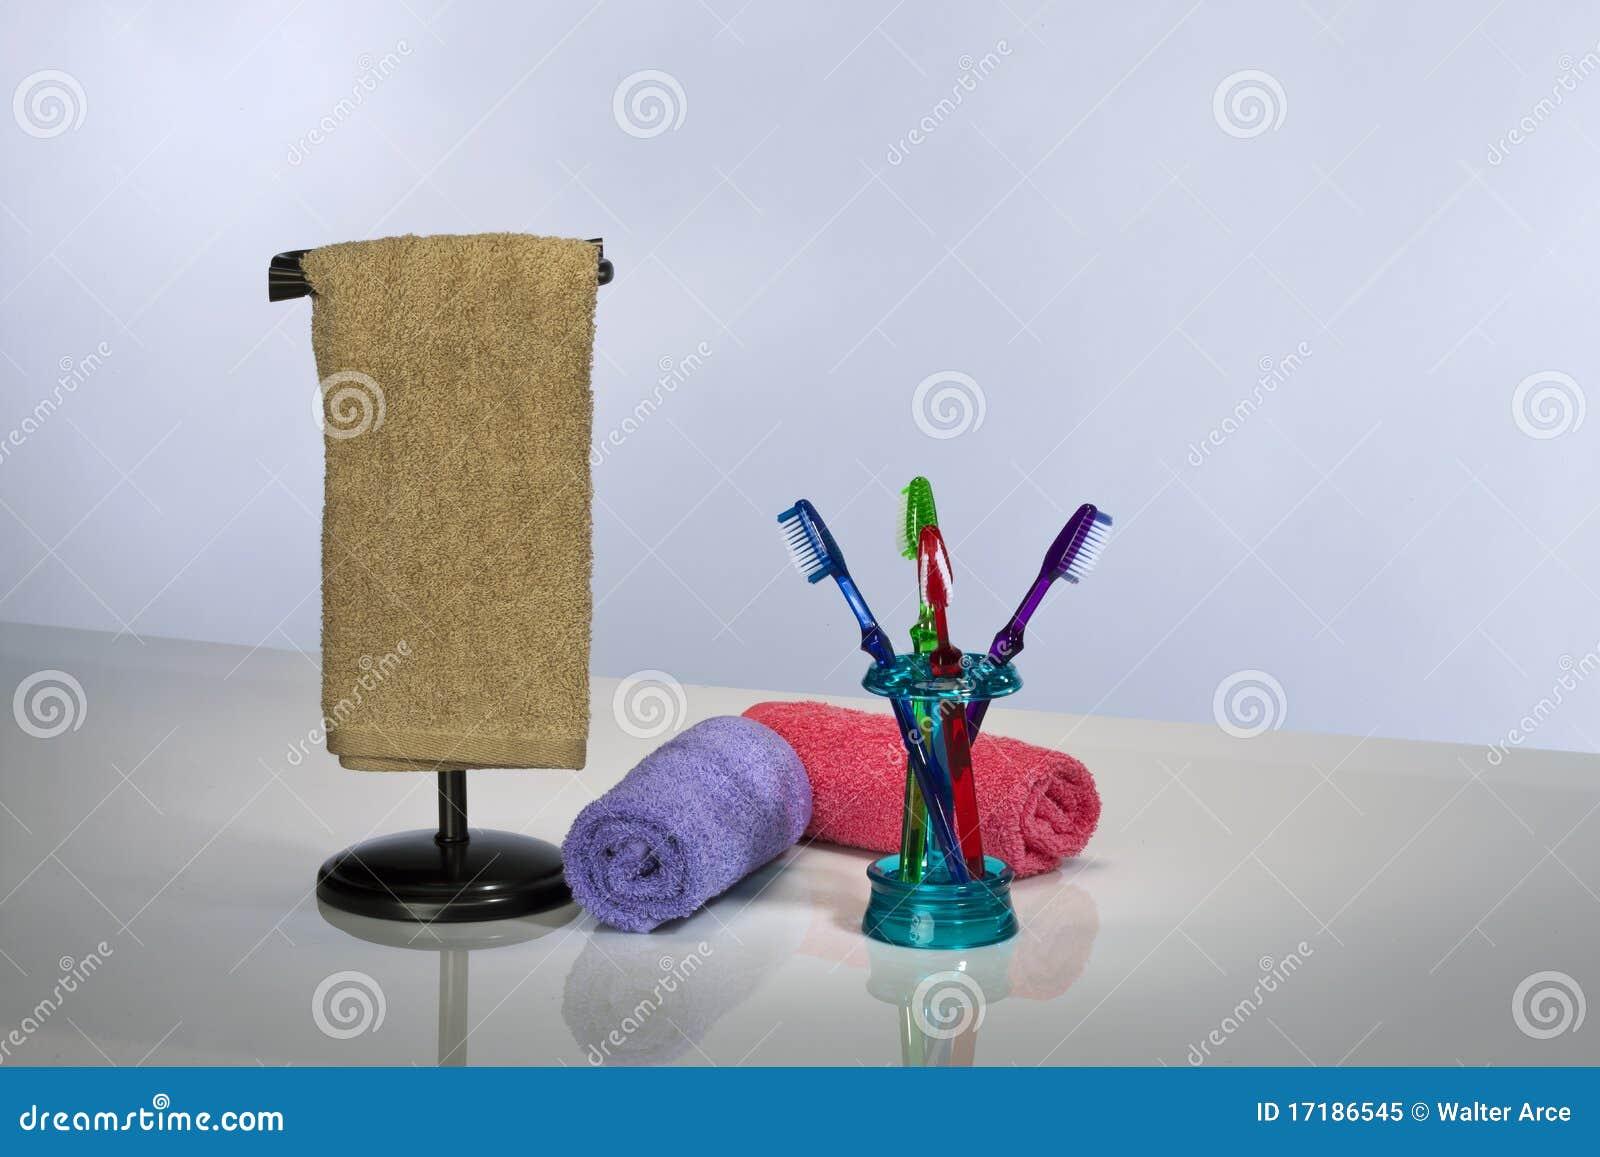 Cepillo de dientes y toallas de baño